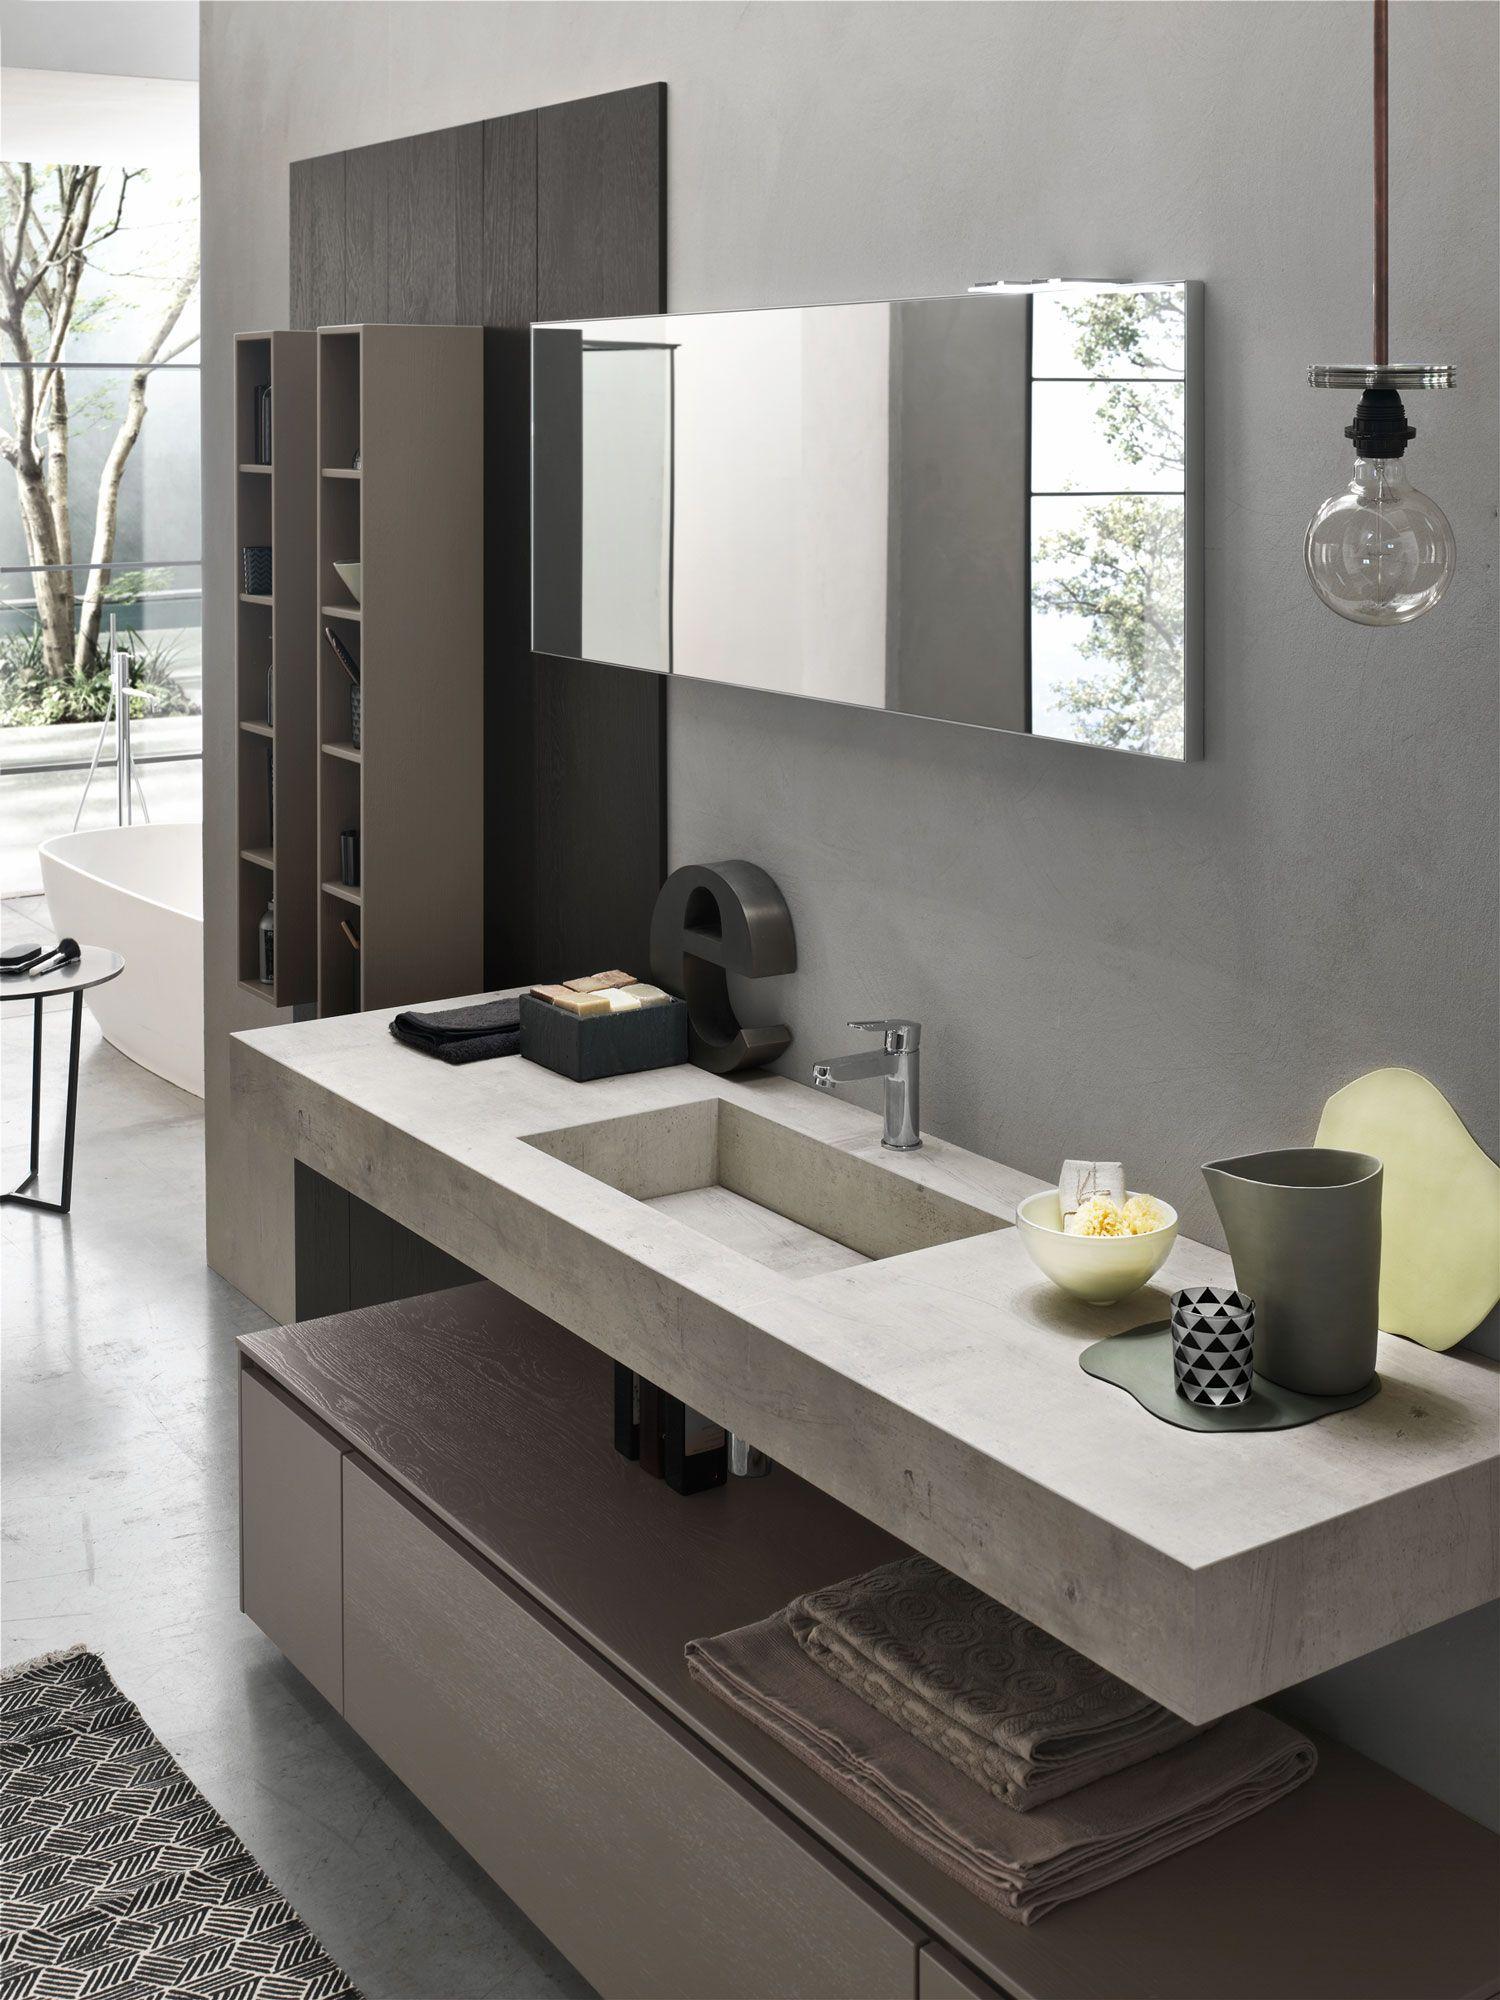 Pin Di Iulia Miaun Su Moodboard Bathroom Arredamento Piccolo Bagno Bagno Interno Arredamento Bagno